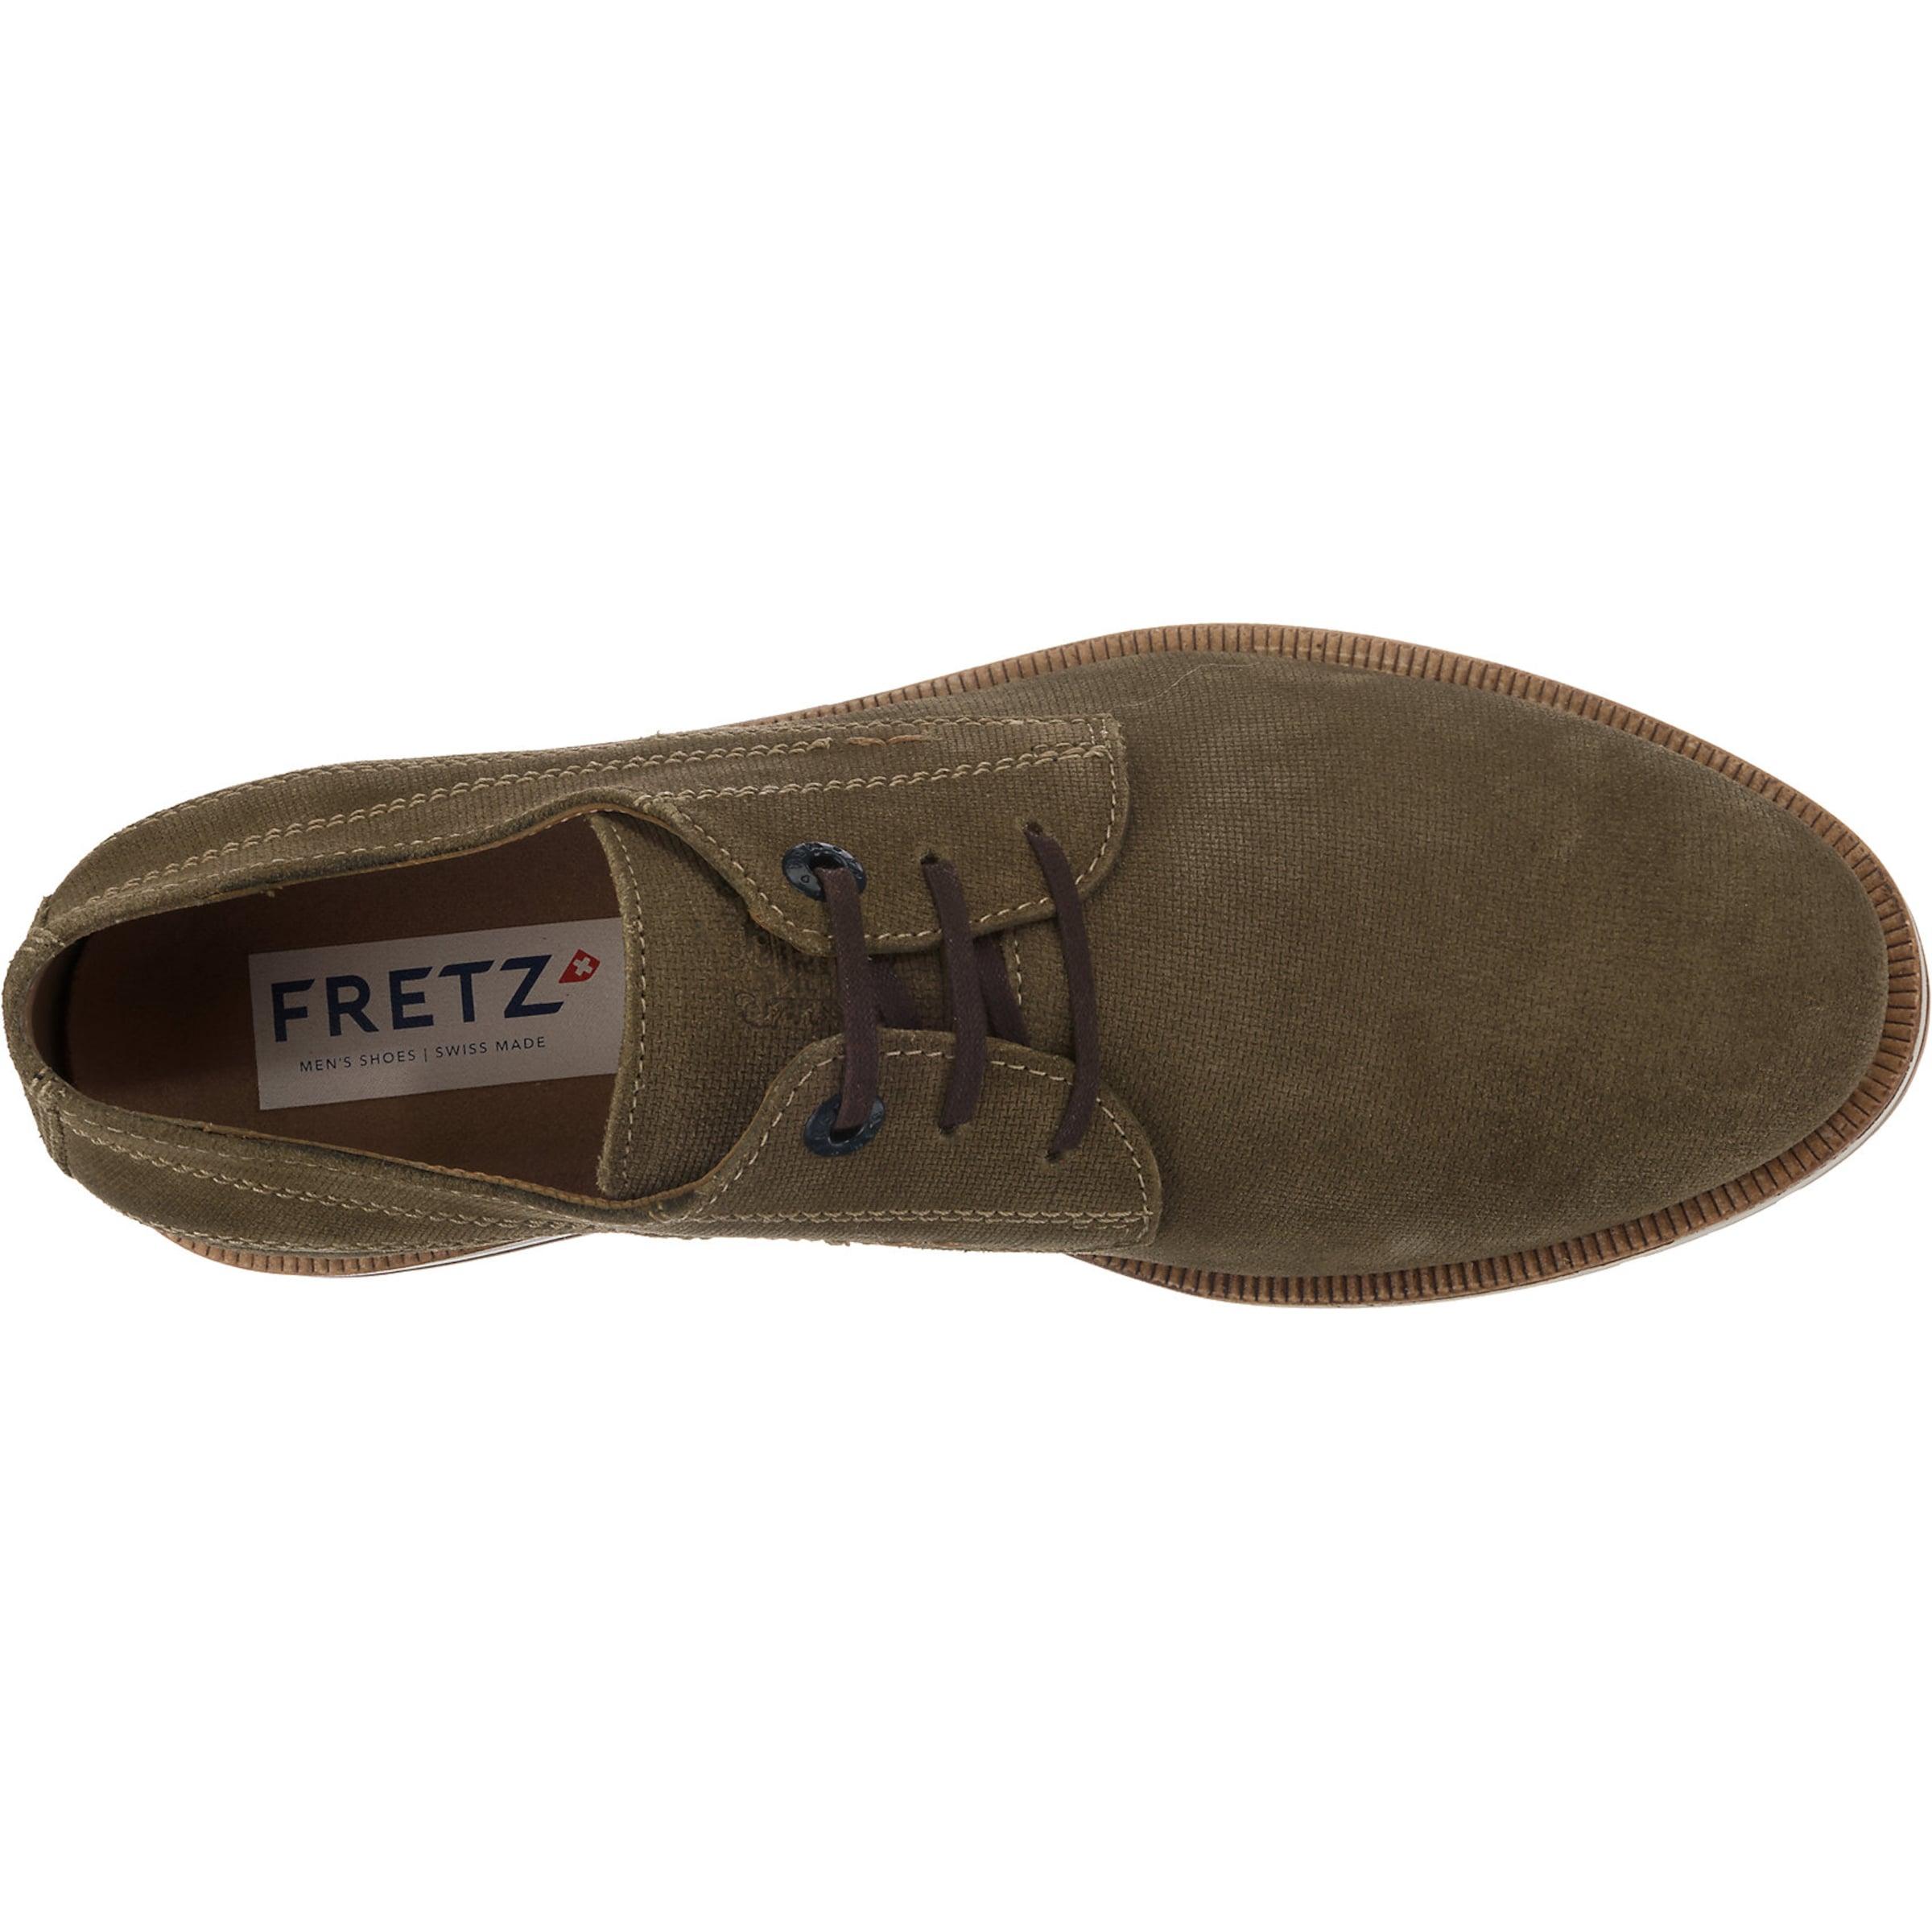 Fretz Oliv Schuhe 'steven' In Men Yfygb76